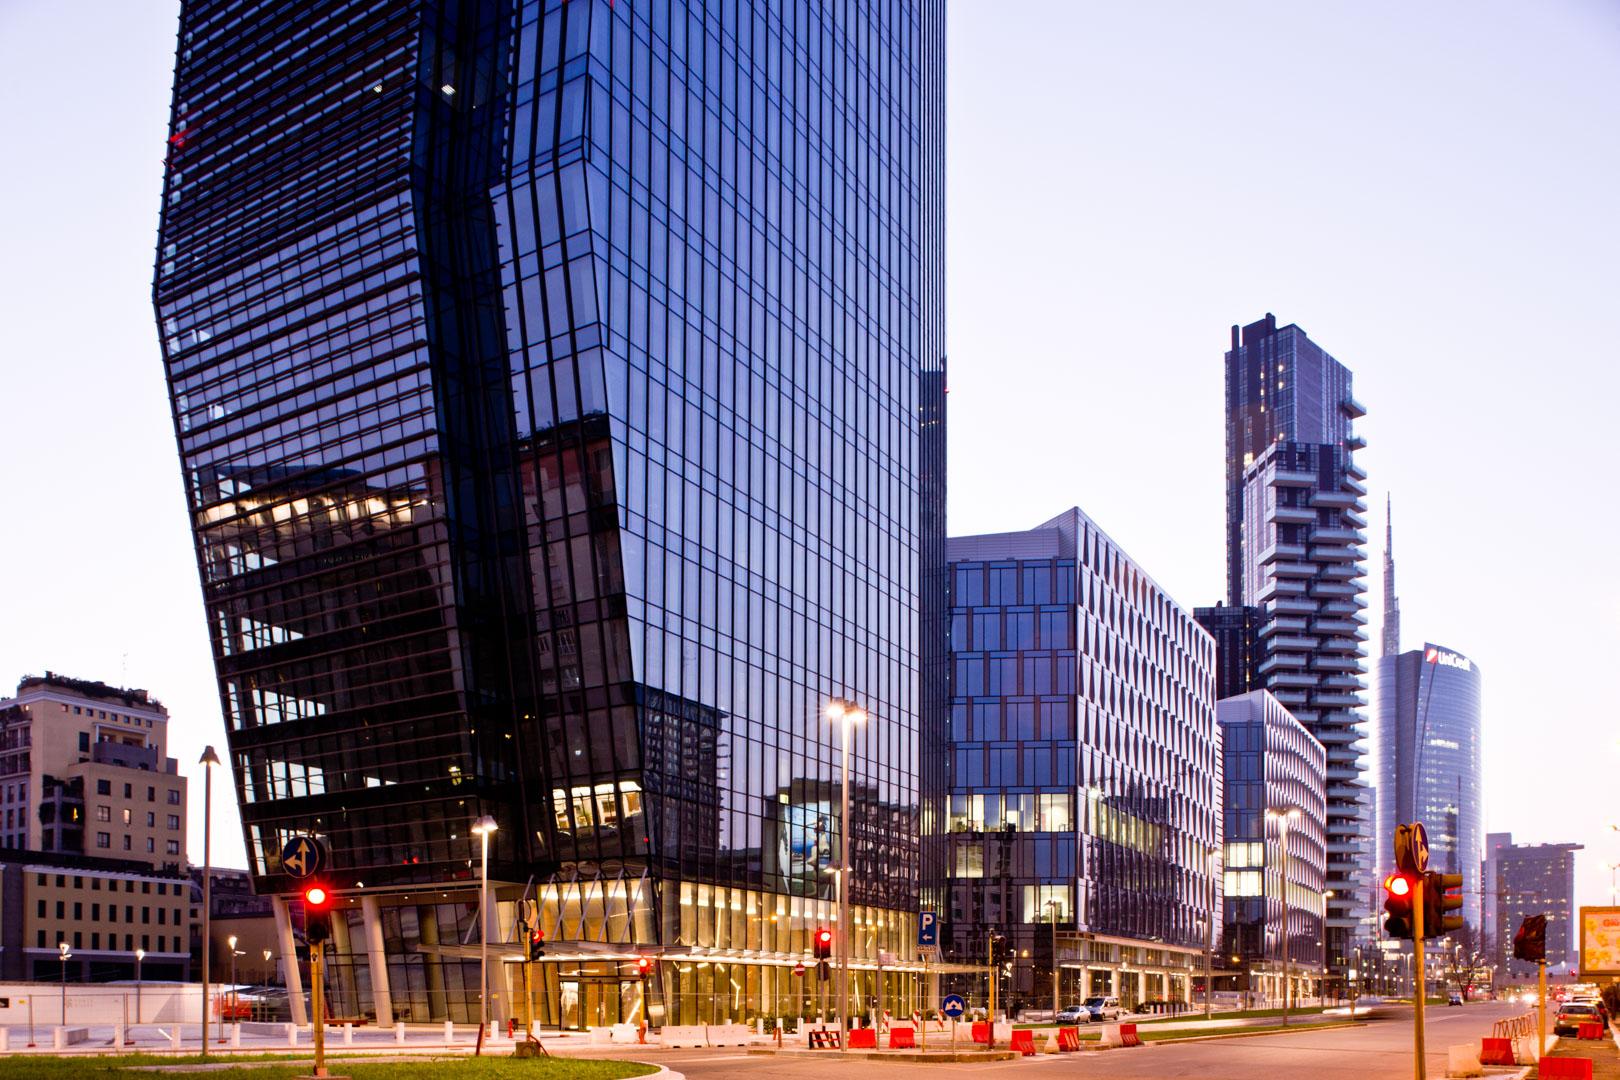 Milano porta nuova servizio fotografico di architettura for Quartiere city life